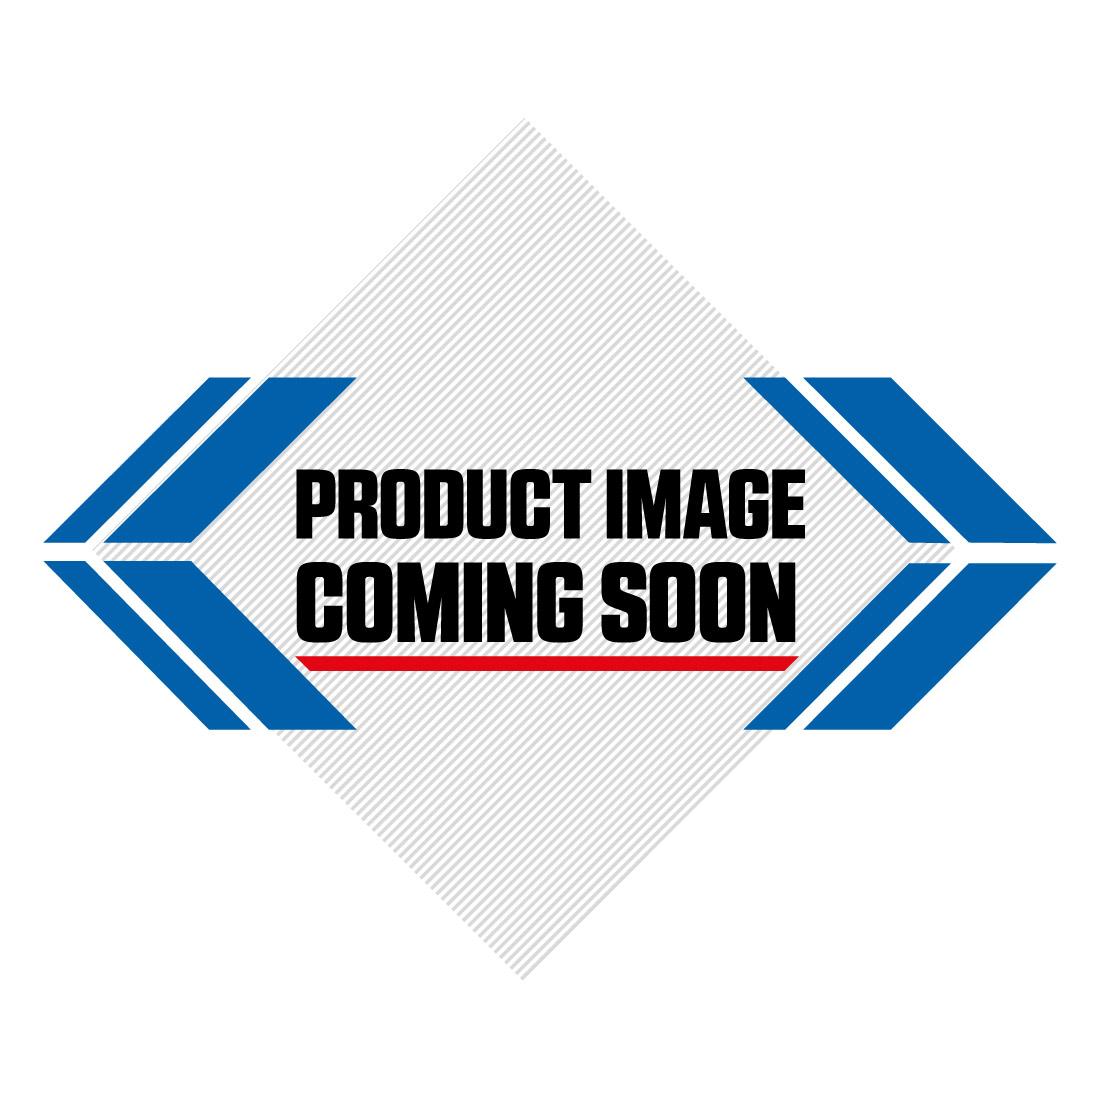 Kawasaki Plastic Kit KX 125 250 (99-02) OEM Factory Image-3>